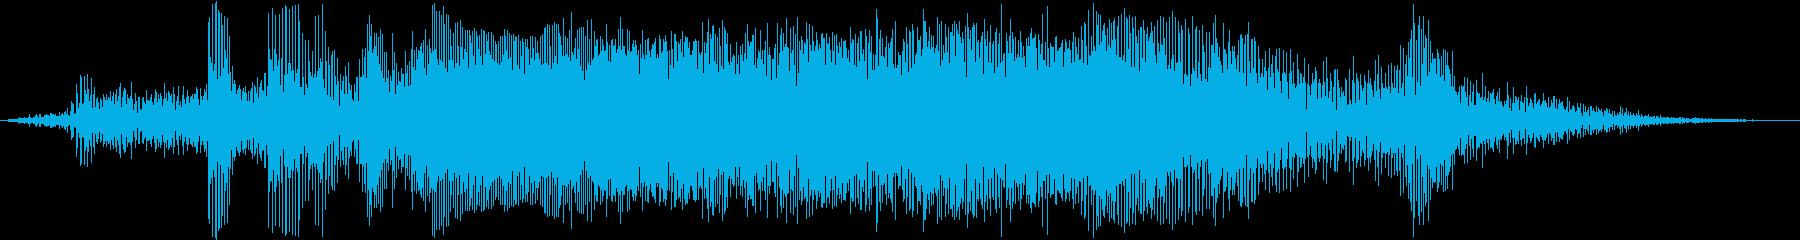 モトクロスレースの再生済みの波形